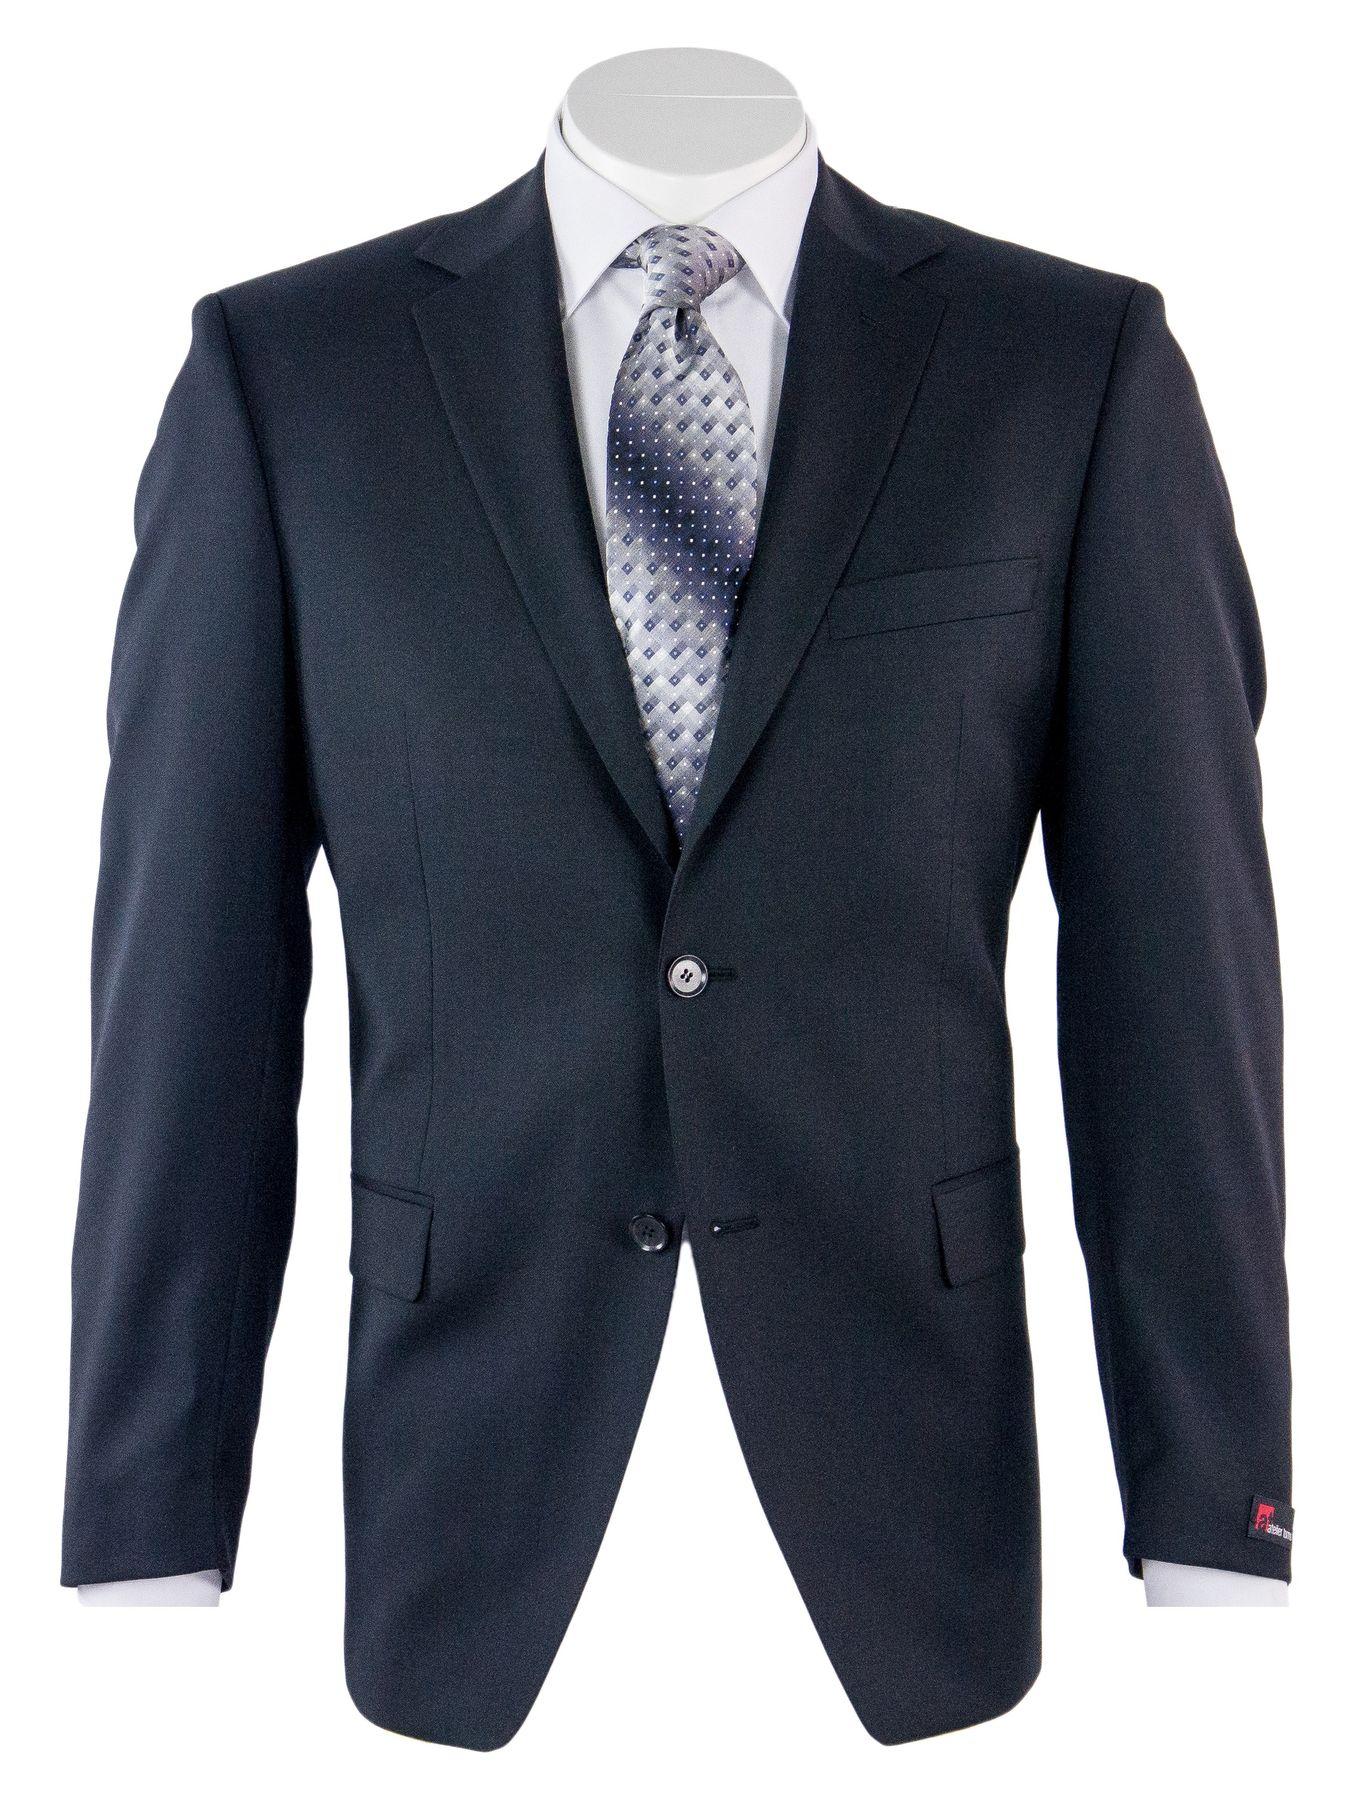 Atelier Torino - Modern Fit - Herren Baukasten Anzug aus reiner Schurwolle, Weber: Marzotto, Roma SS/Aldo (07044) – Bild 14